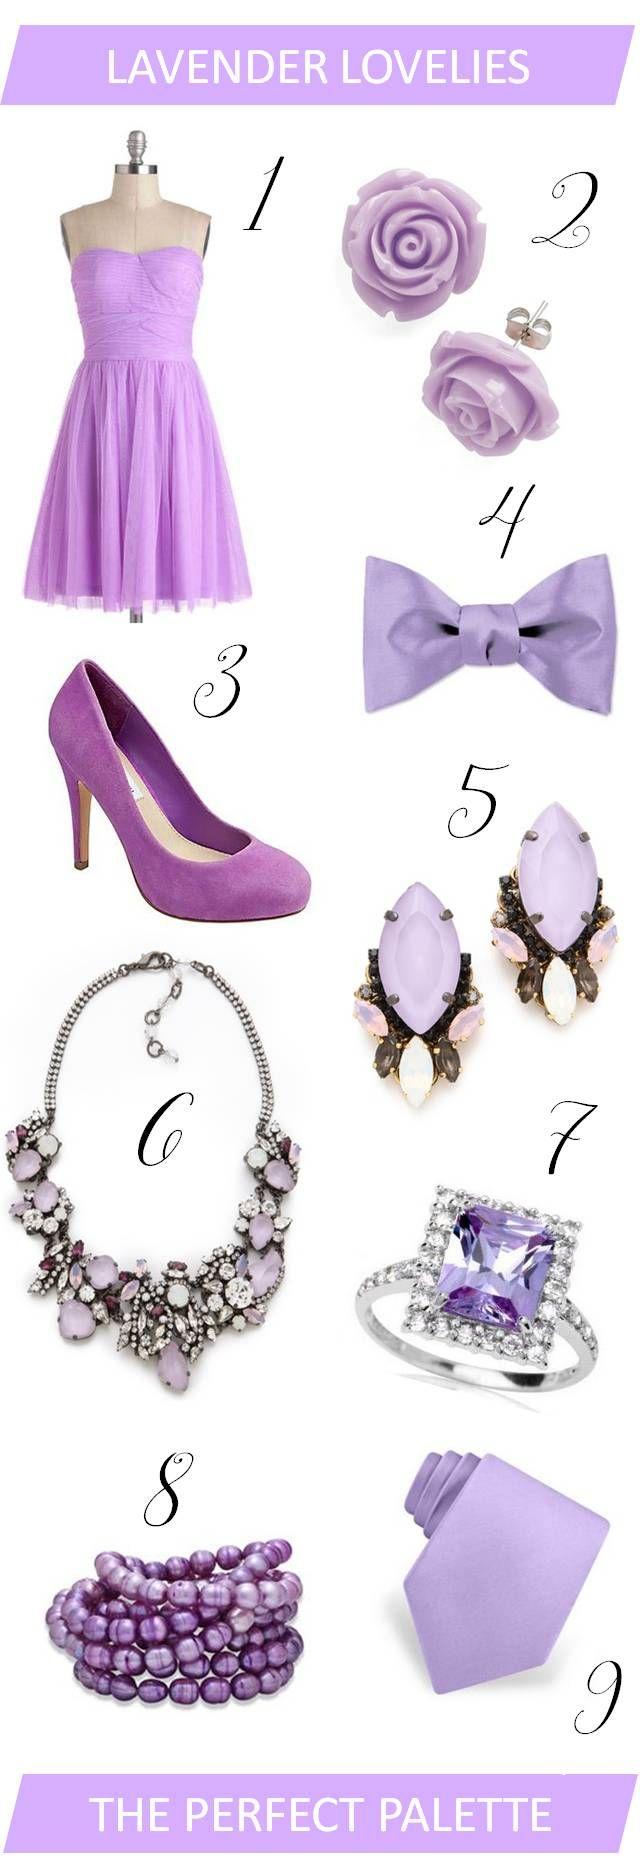 {wedding wardrobe}: lavender lovelies! http://www.theperfectpalette.com/2013/01/wedding-wardrobe-lavender-lovelies.html